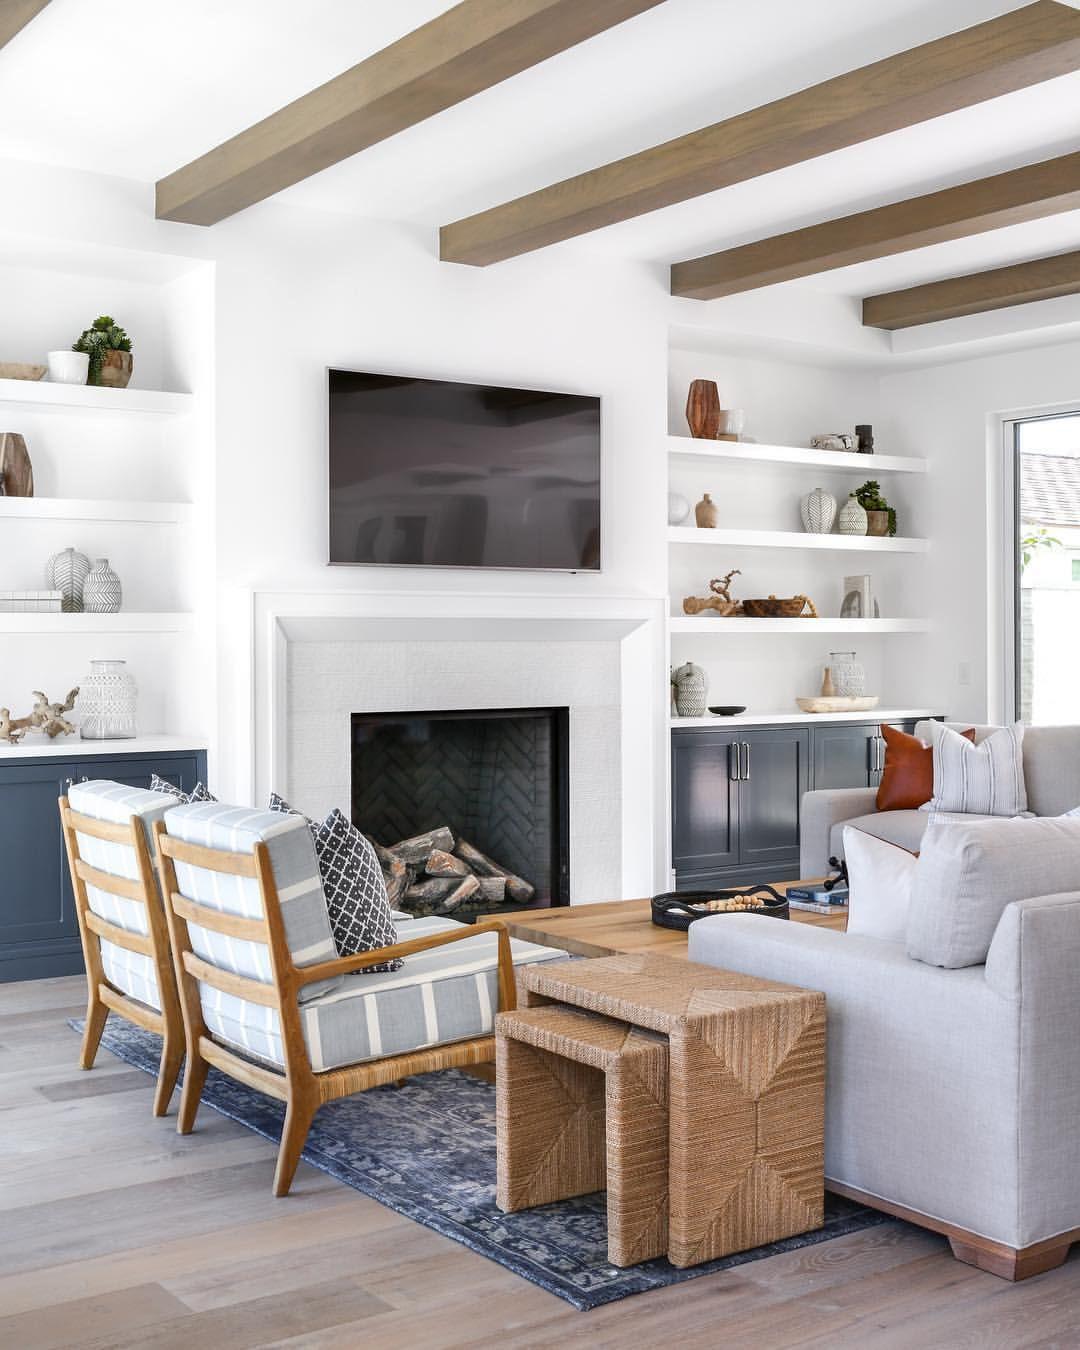 12+ Contemporary living room ideas 2019 ideas